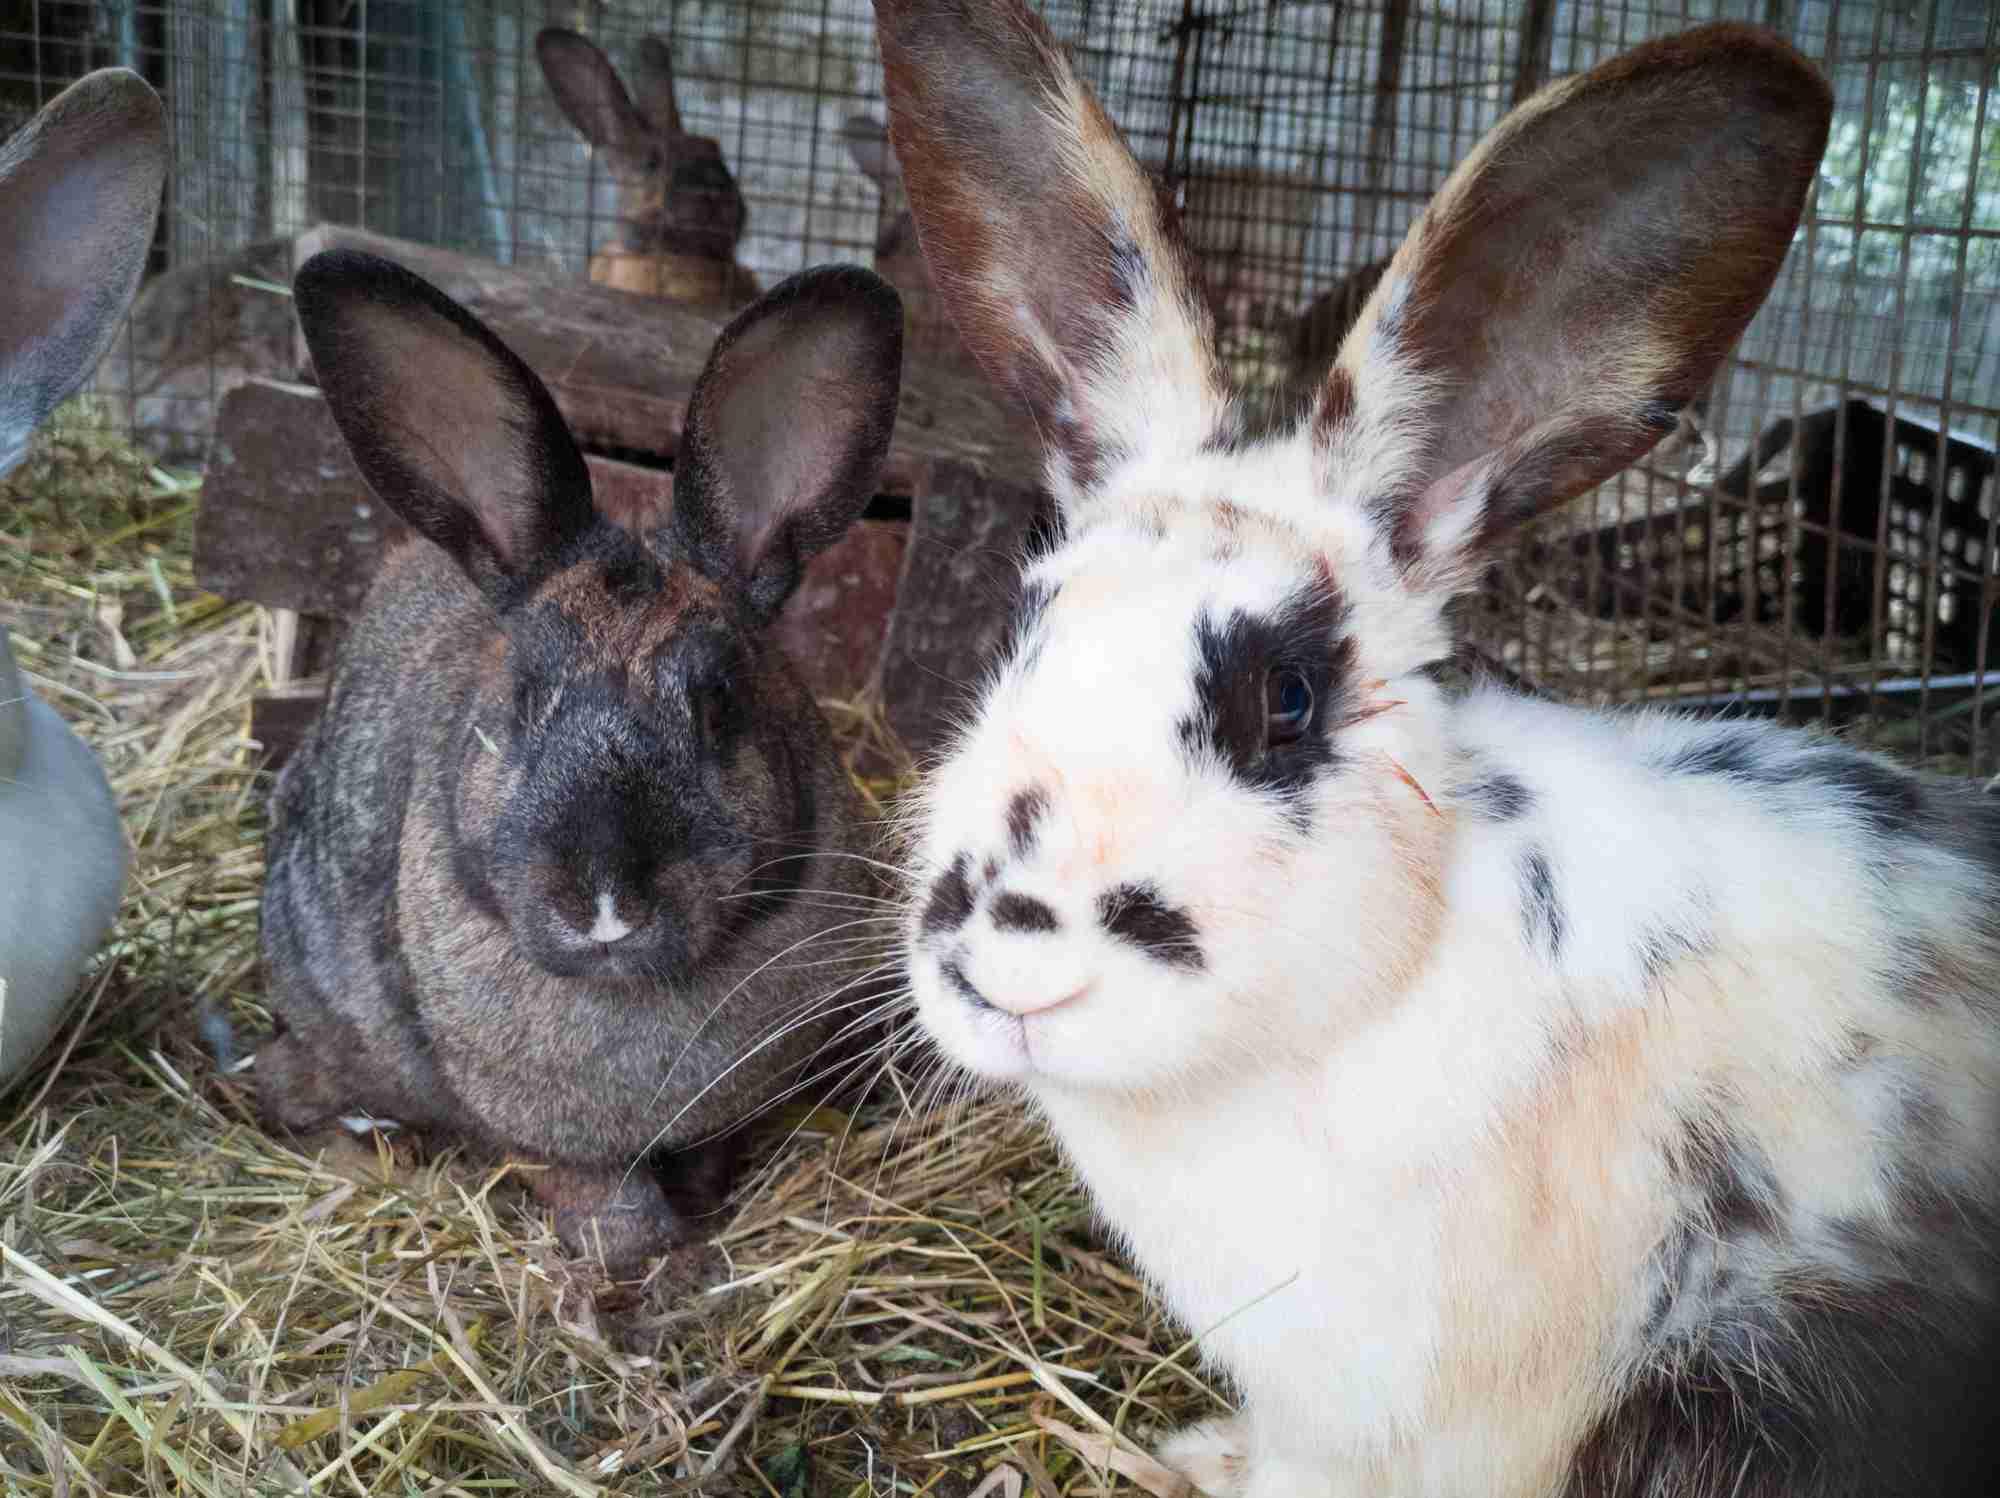 Rabbits on a farm